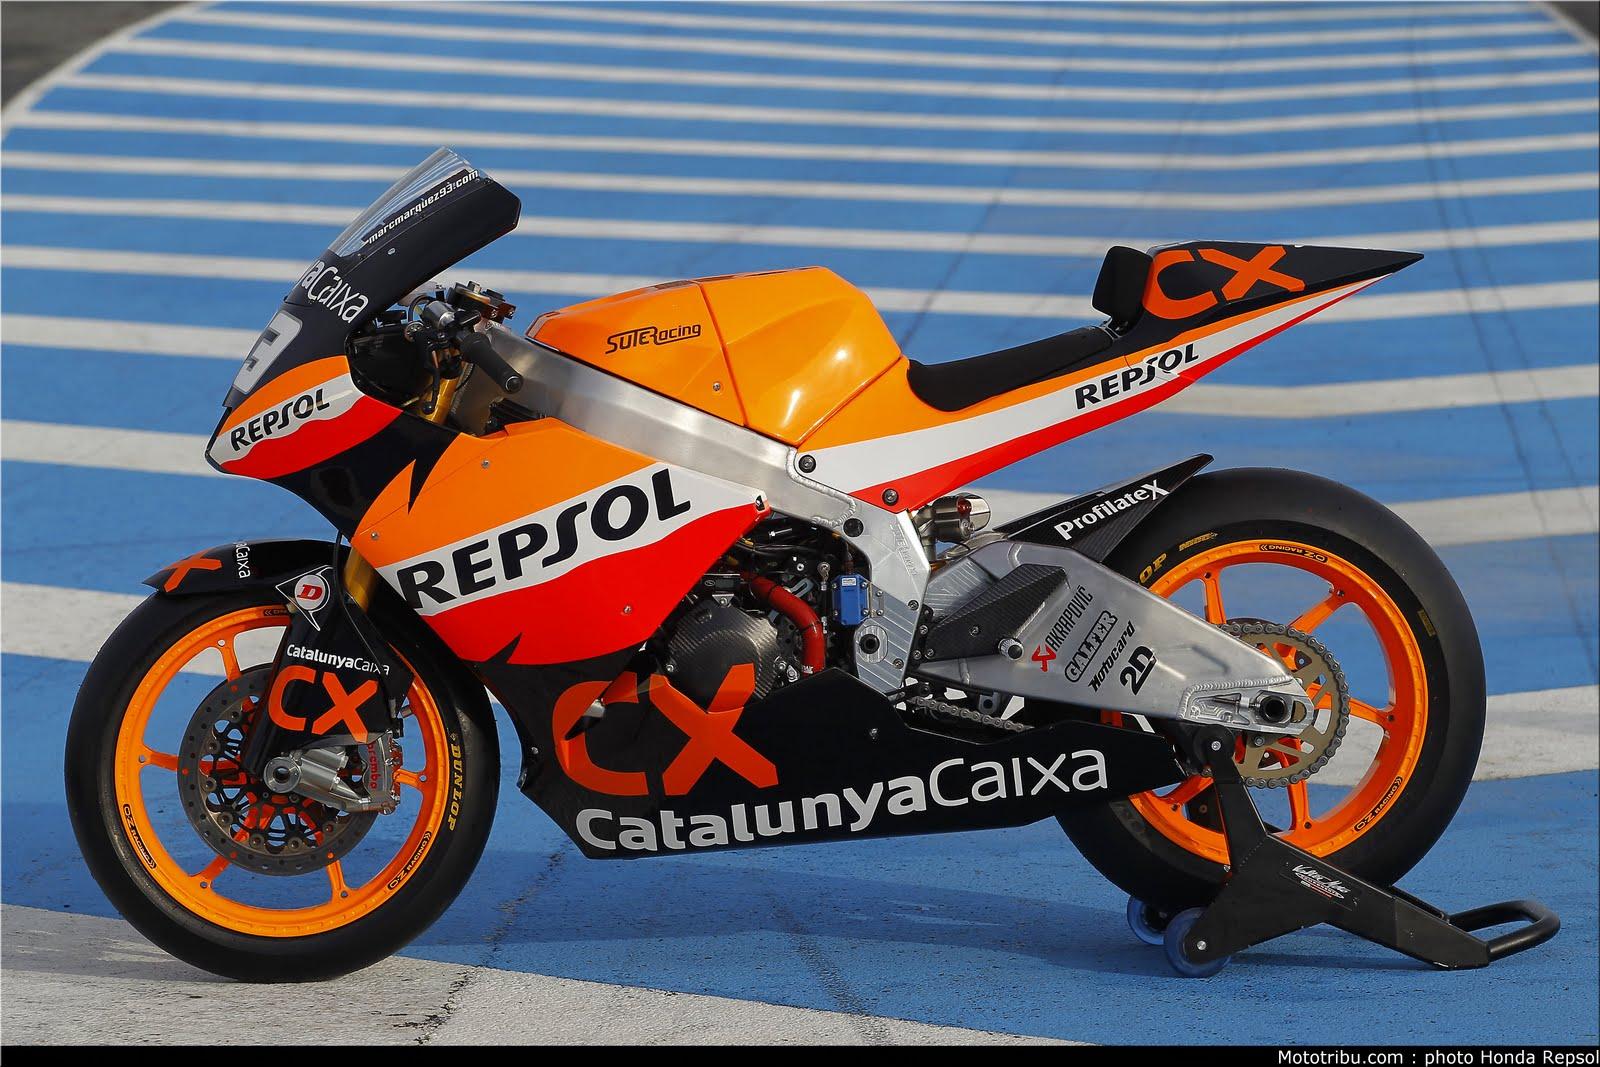 Machines de courses ( Race bikes ) - Page 7 Suter%2BMMX%2BMarquez%2B2011%2B03